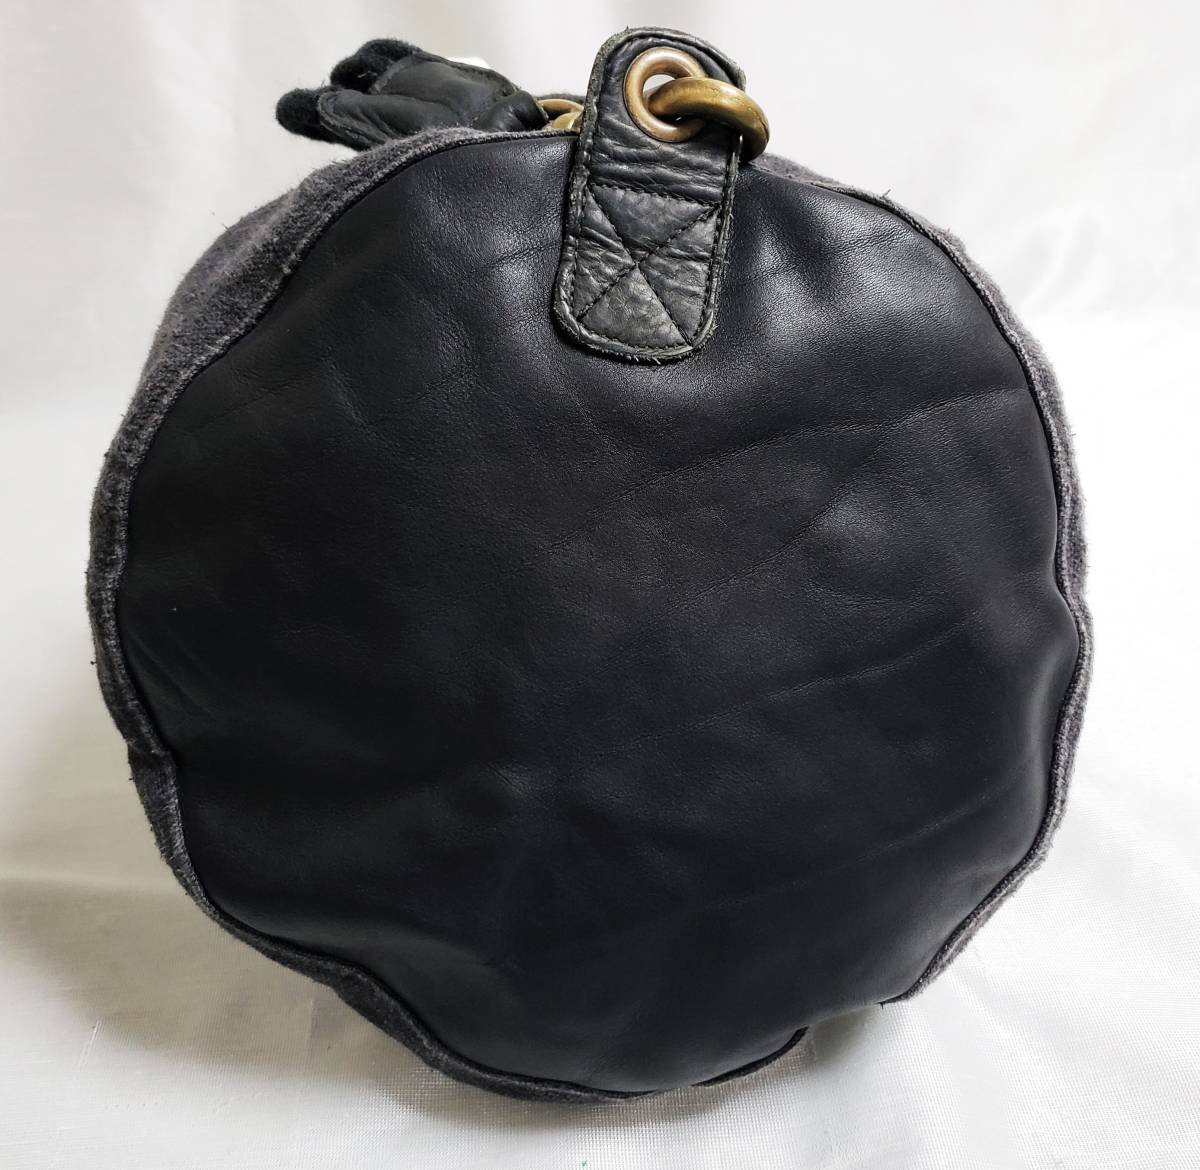 希少 80 90 年代 ヴィンテージ 真鍮金具 ダナキャラン DKNY ボトムレザー リネン ダッフル ショルダー バッグ ランドリー 鞄 ボディー 麻_画像8